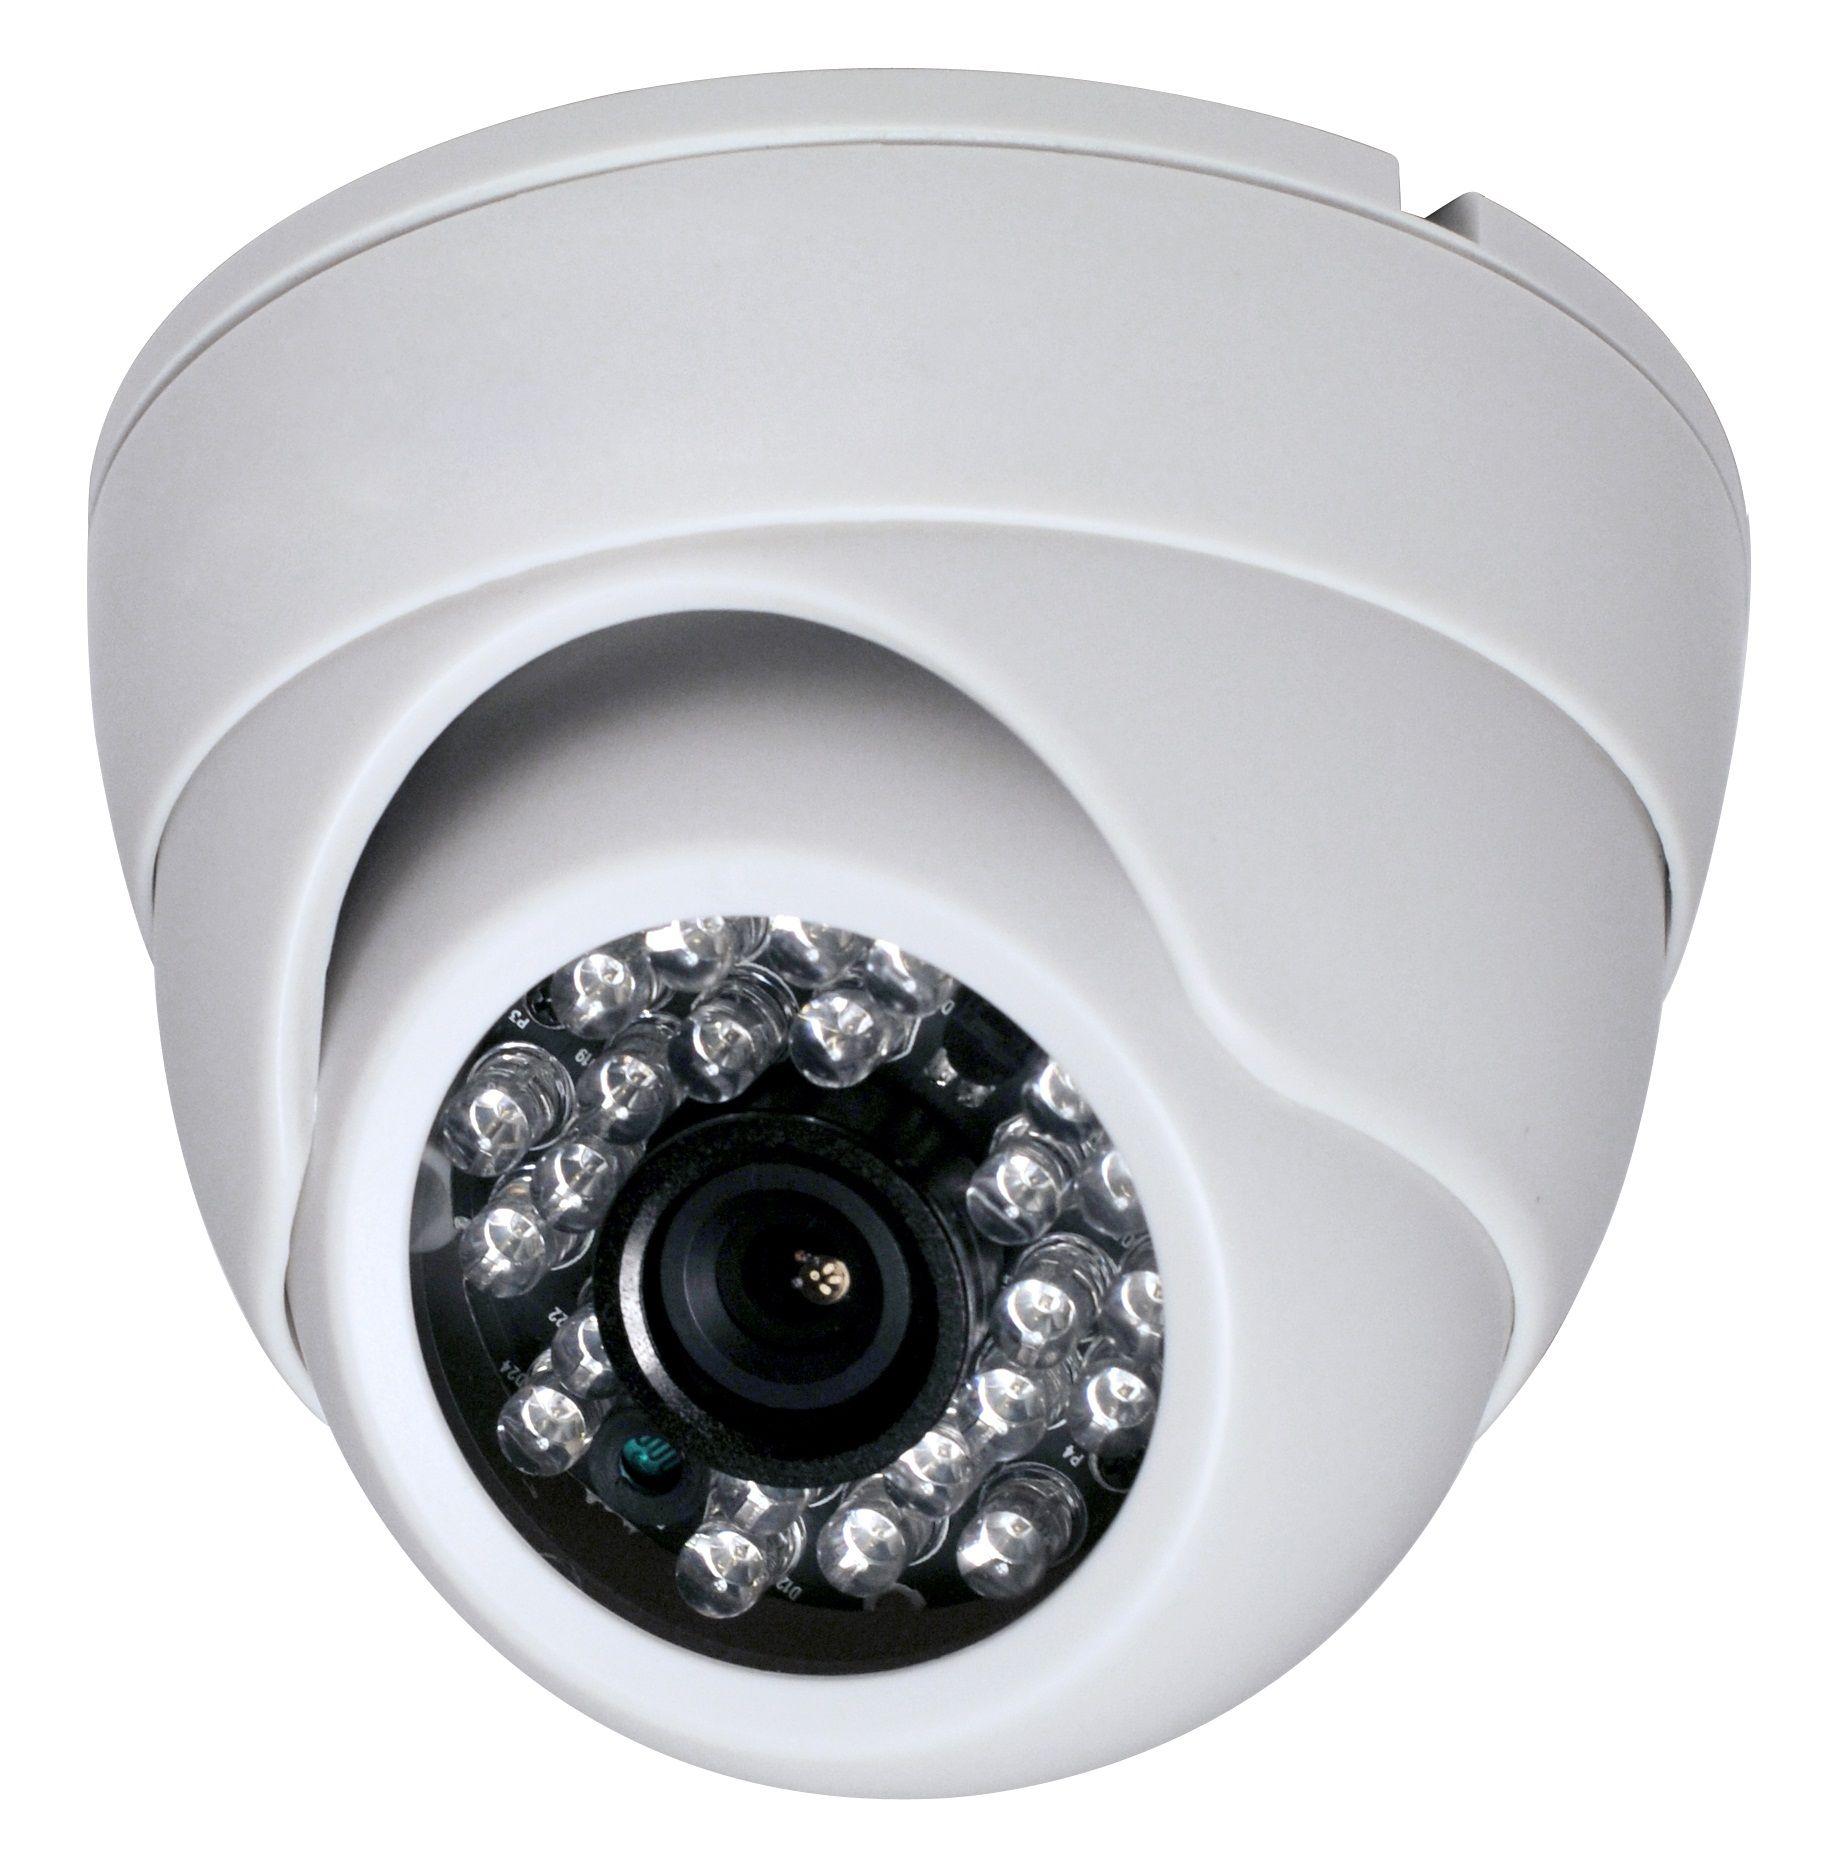 Security cameras Toronto Brampton Mississauga helps to monitor ...